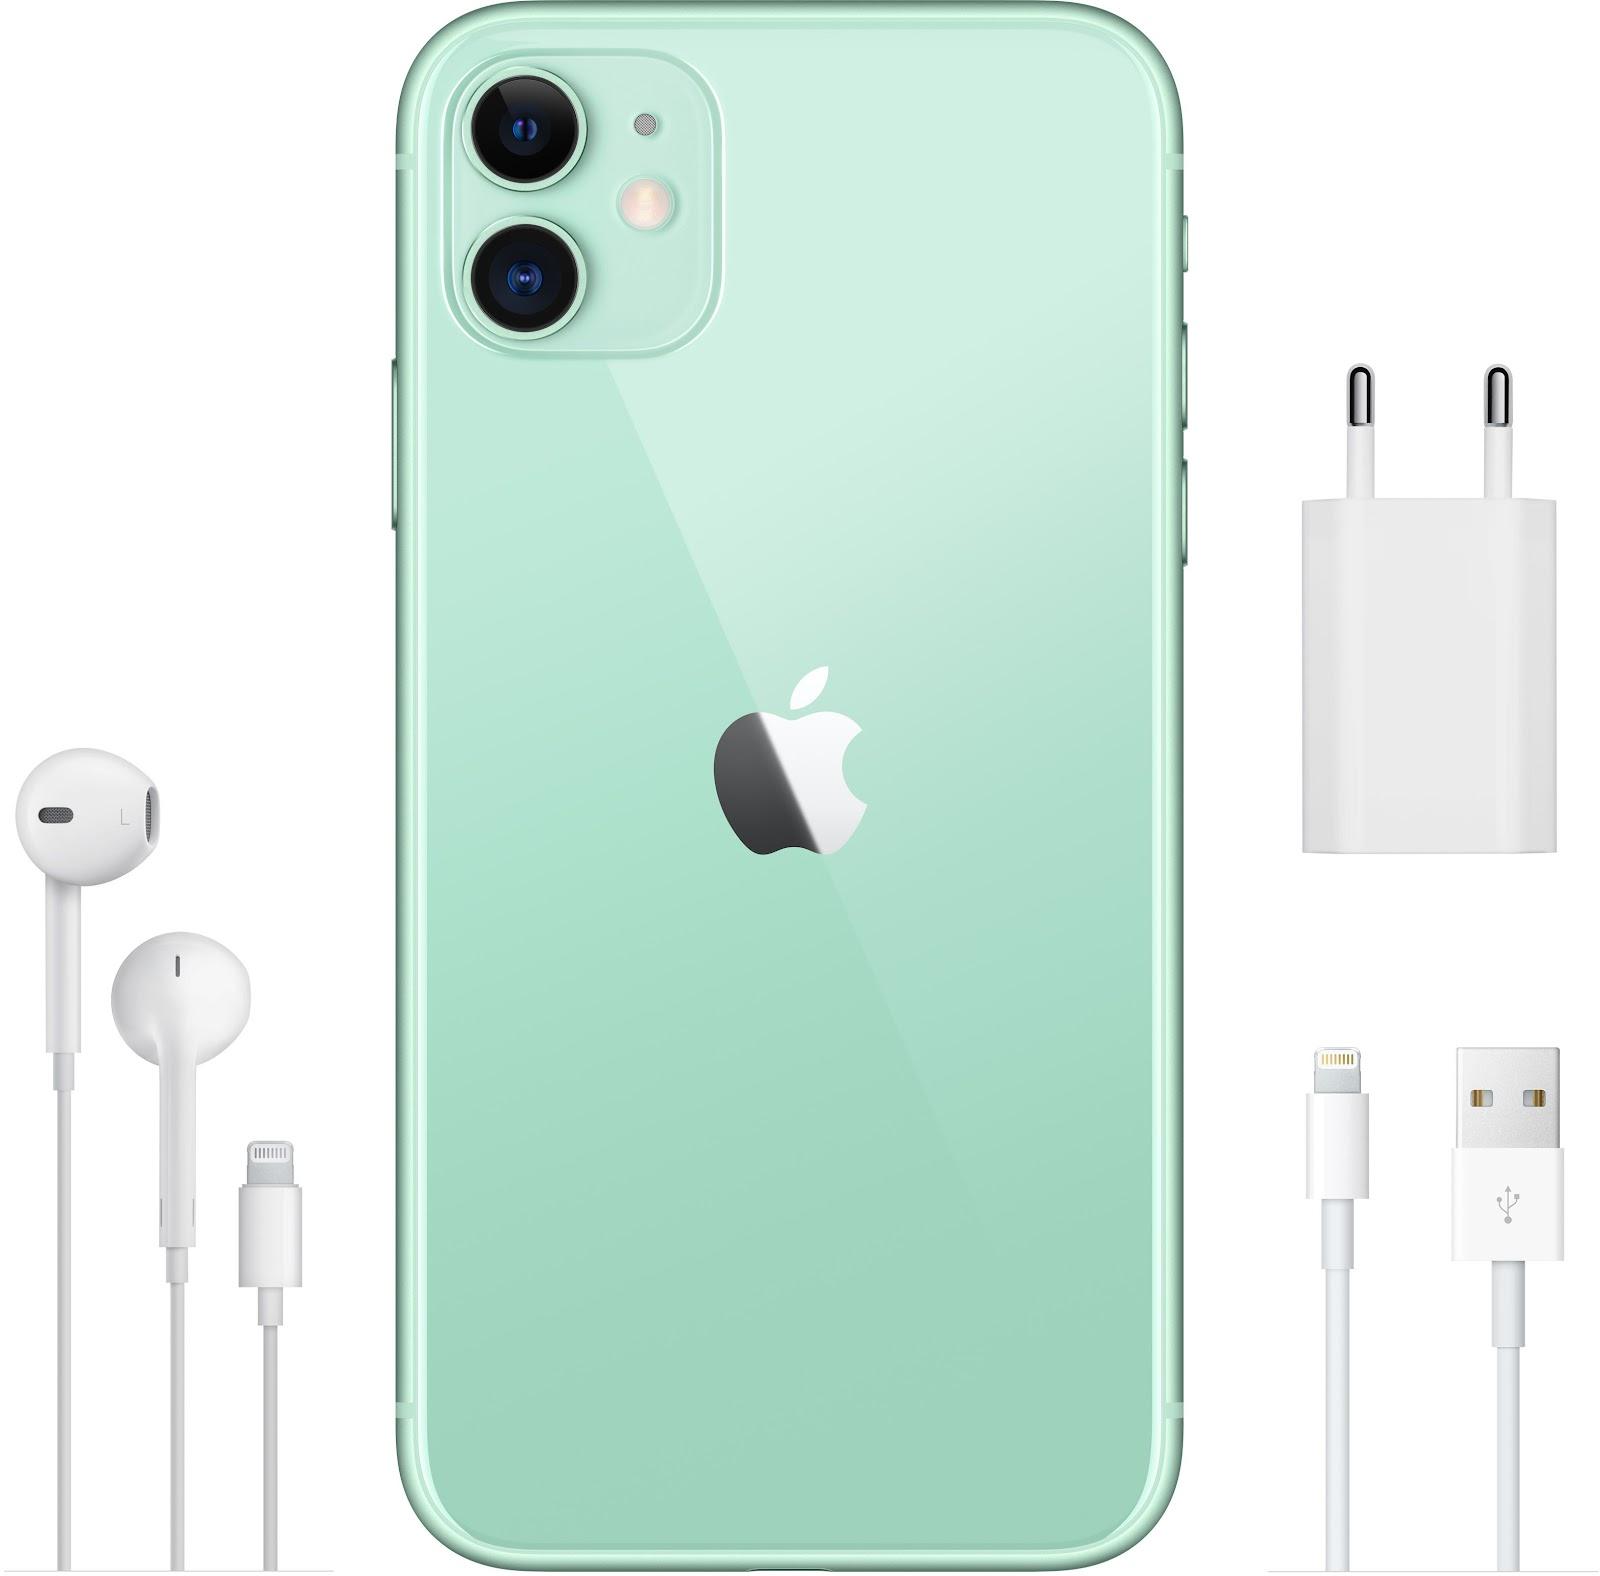 Камера Айфон от Эппл 11 64GB Green